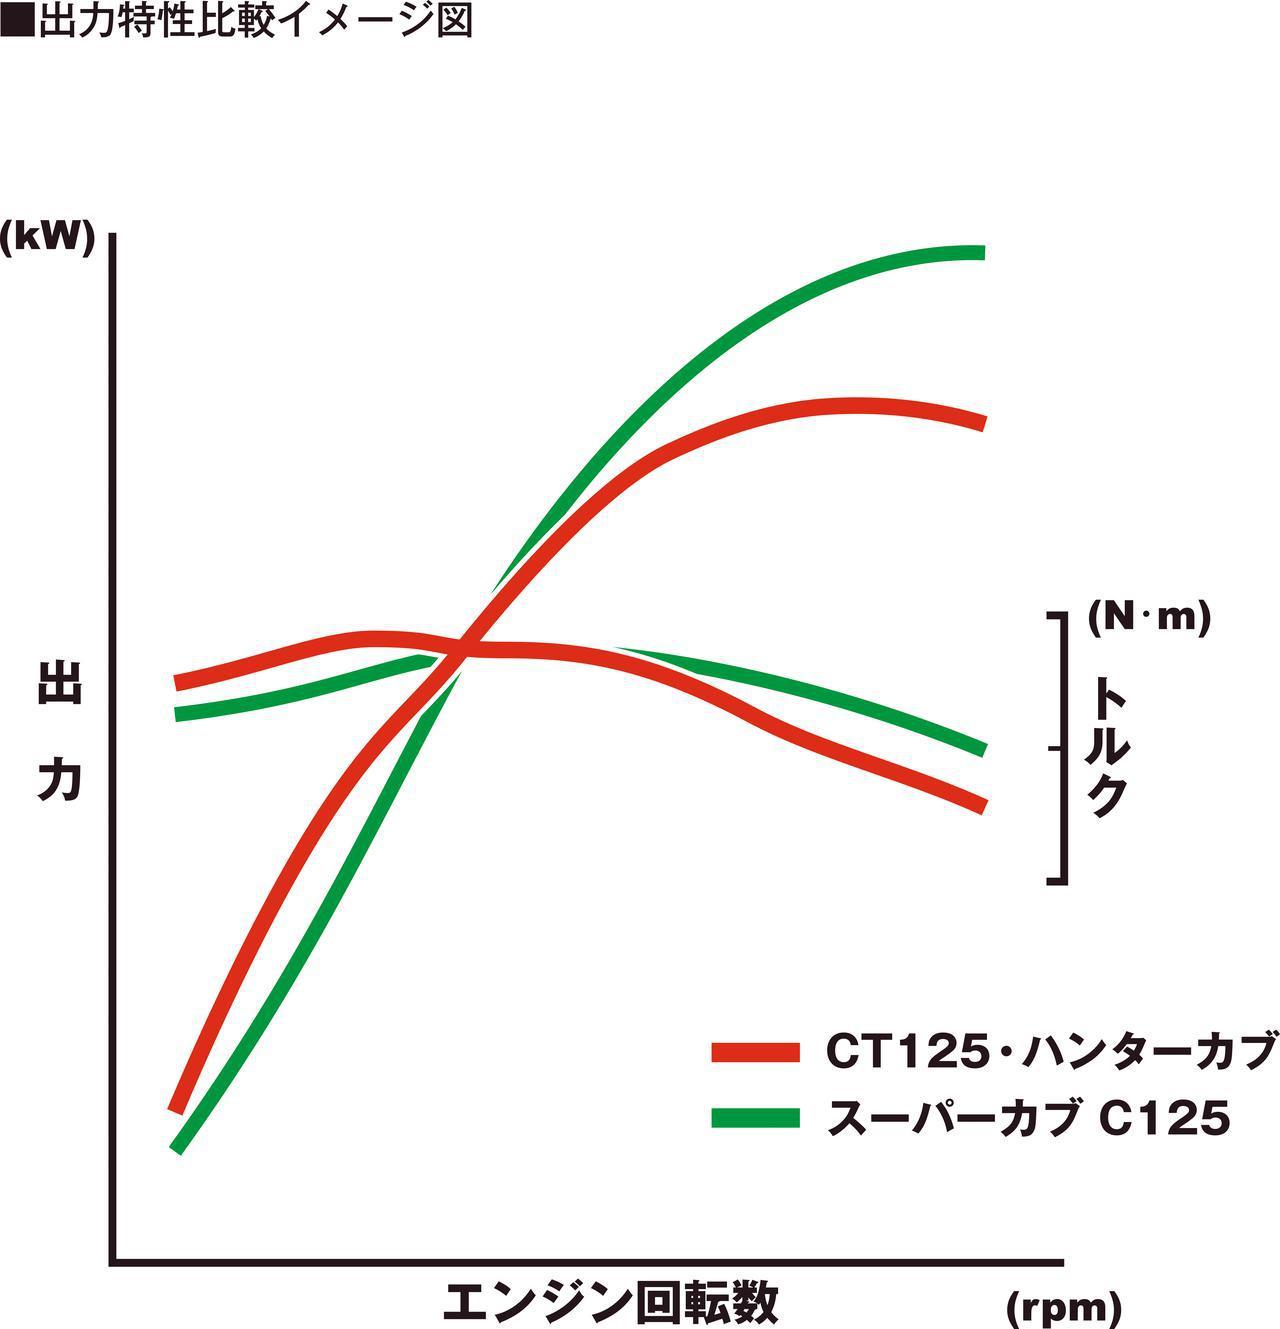 画像: 緑のグラフがベースとなったスーパーカブC125、赤のグラフがCT125のパワー/トルクカーブ。CTがいかに低中速の力強さに割り切った設定としているかが分かる。